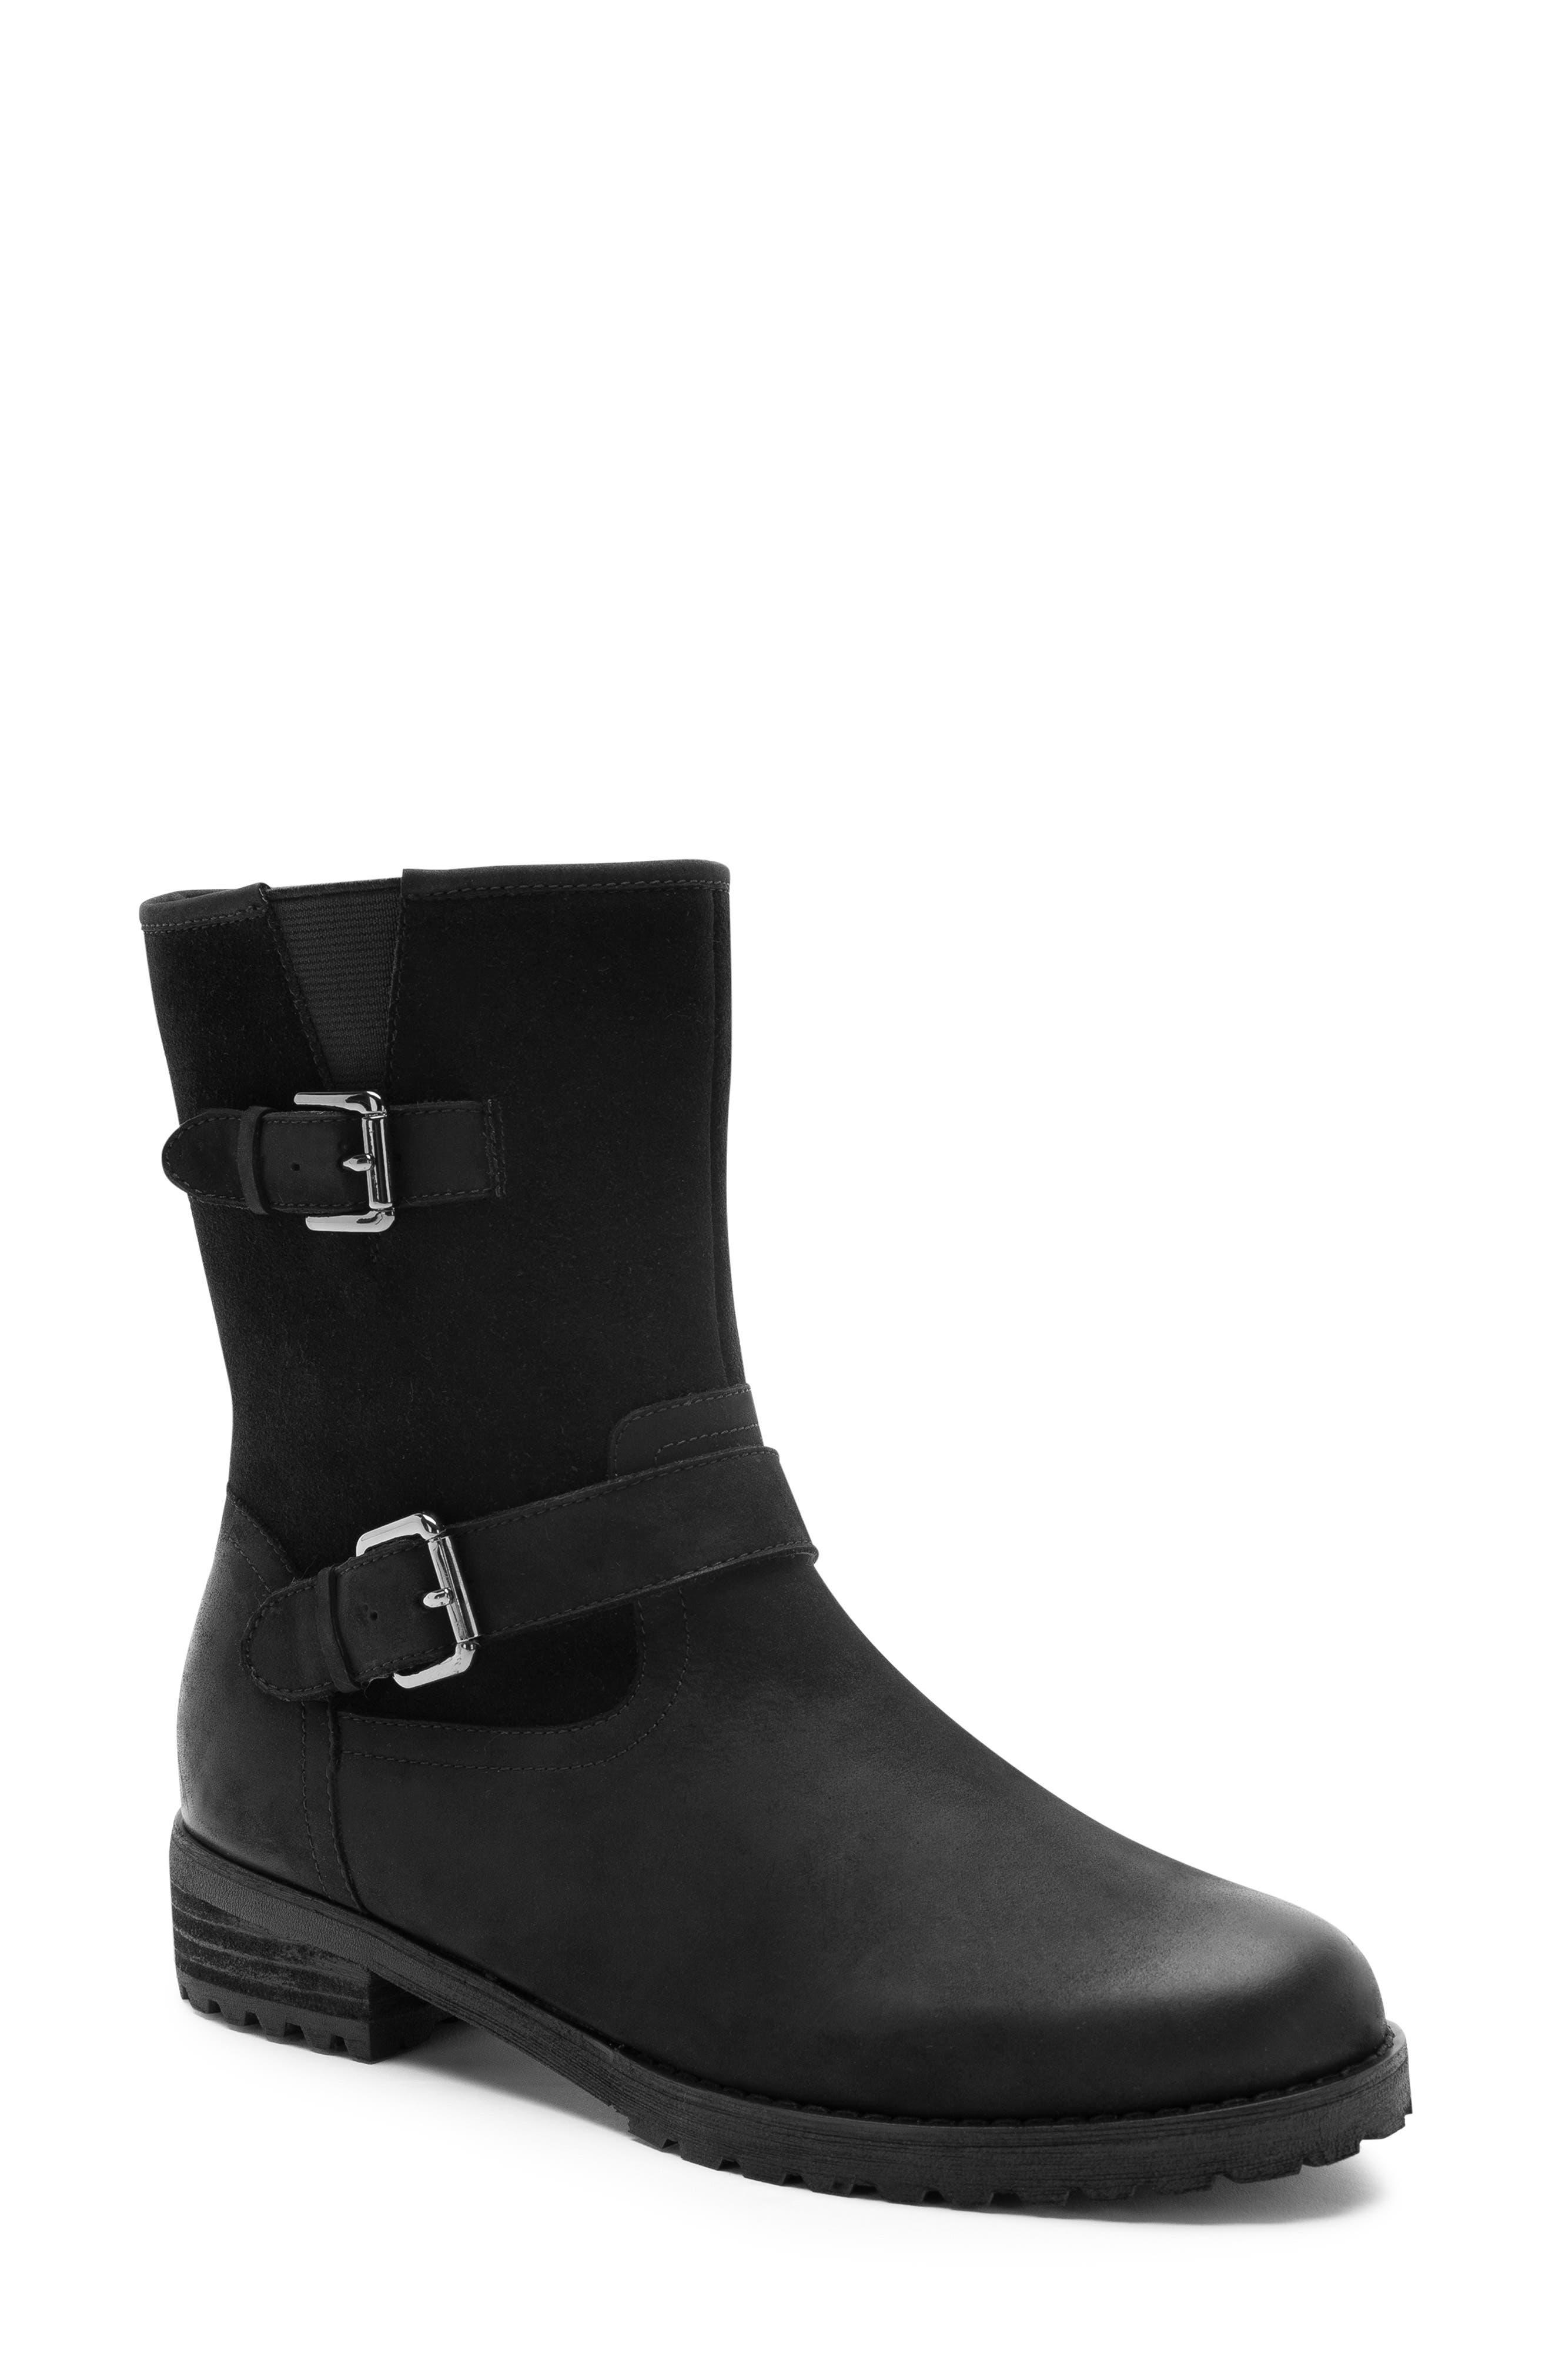 Blondo Val Waterproof Boot- Black